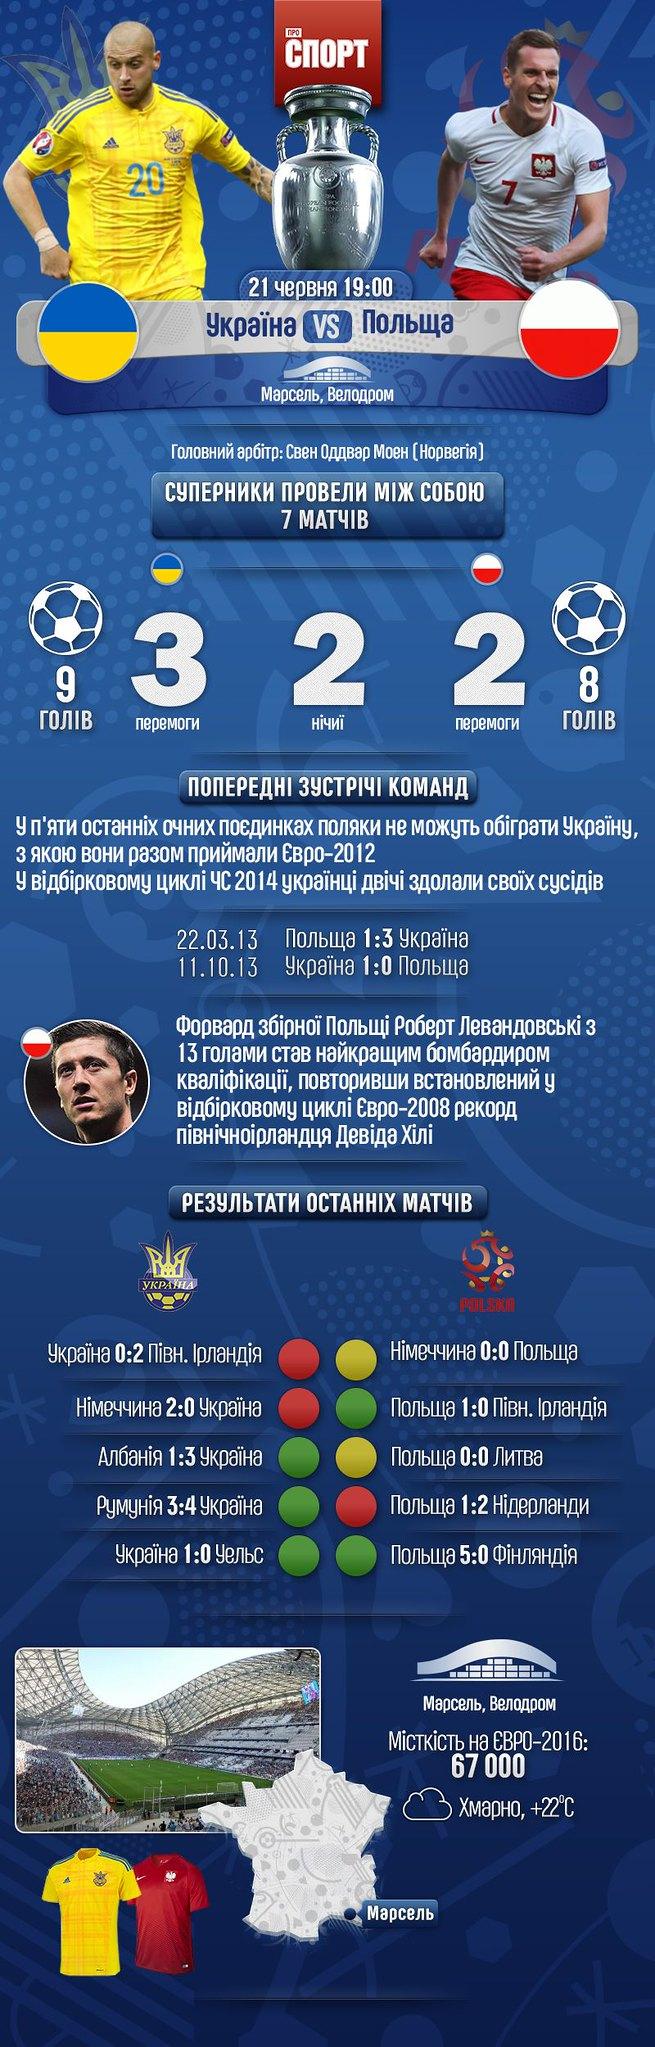 Анонс матчу Україна - Польща